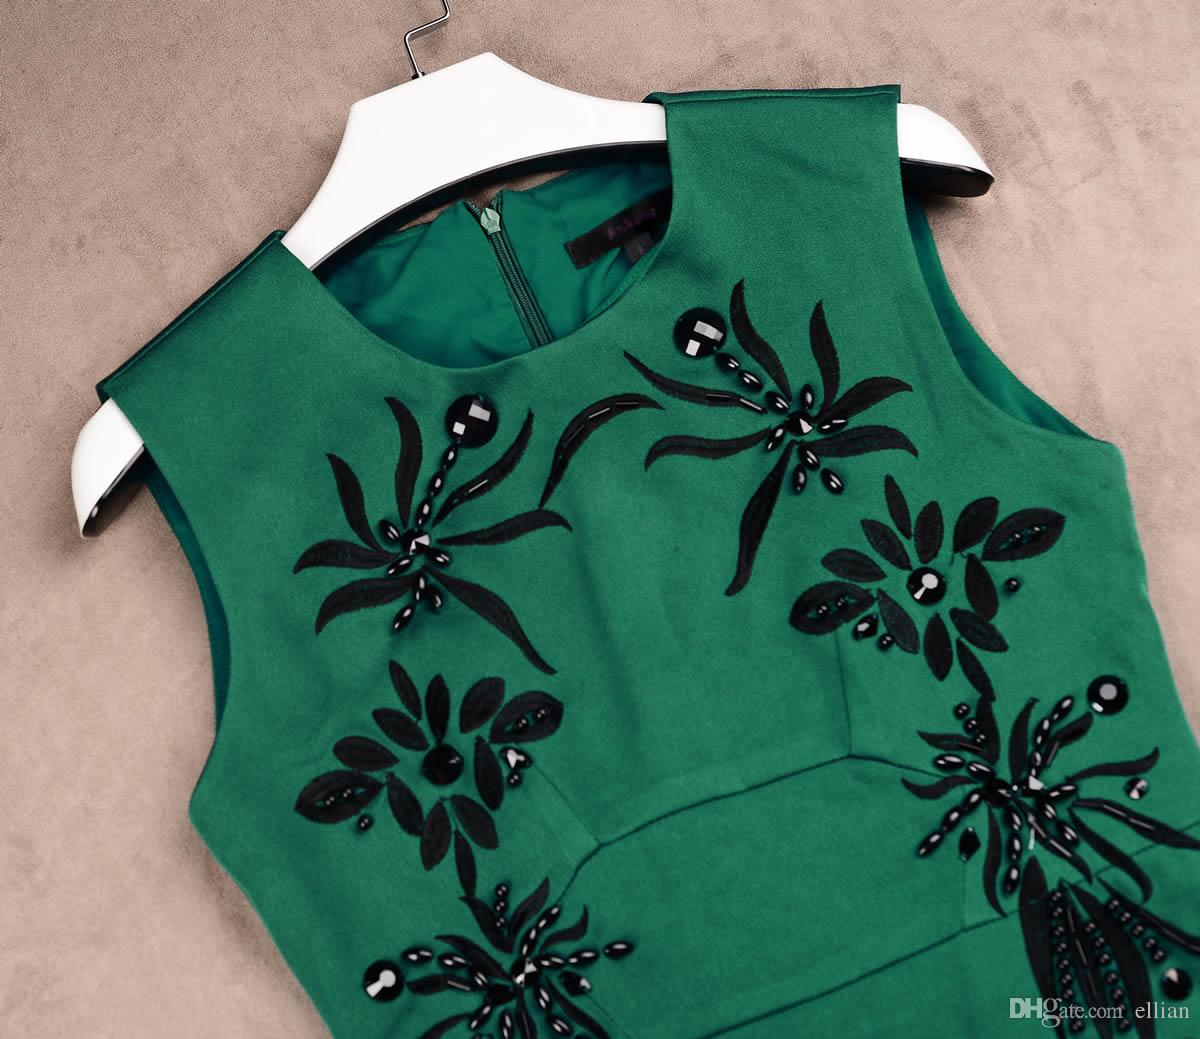 Lüks Kadın Nakış A-Line Elbise Moda Boncuklu Yuvarlak Boyun Elbiseler 15105811